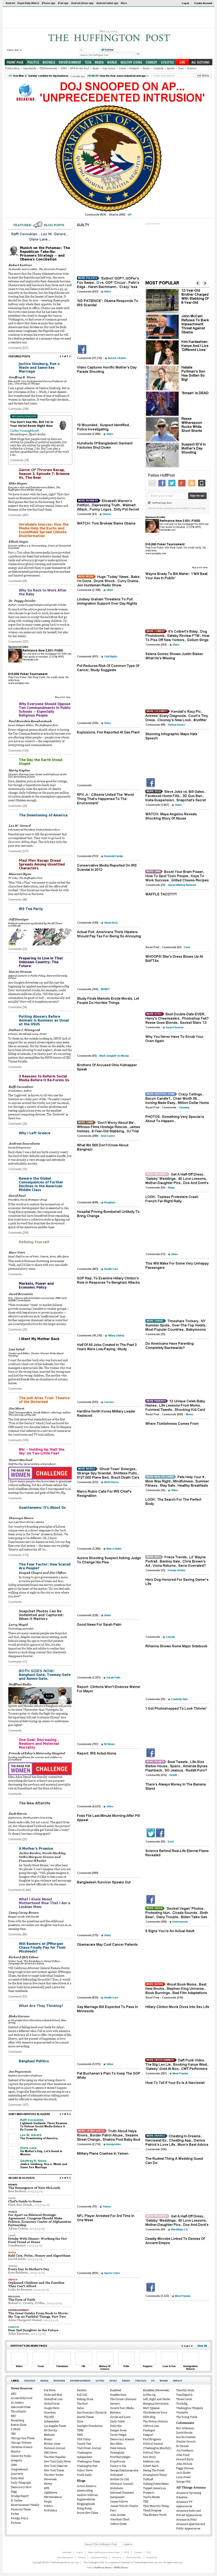 The Huffington Post at Monday May 13, 2013, 9:09 p.m. UTC